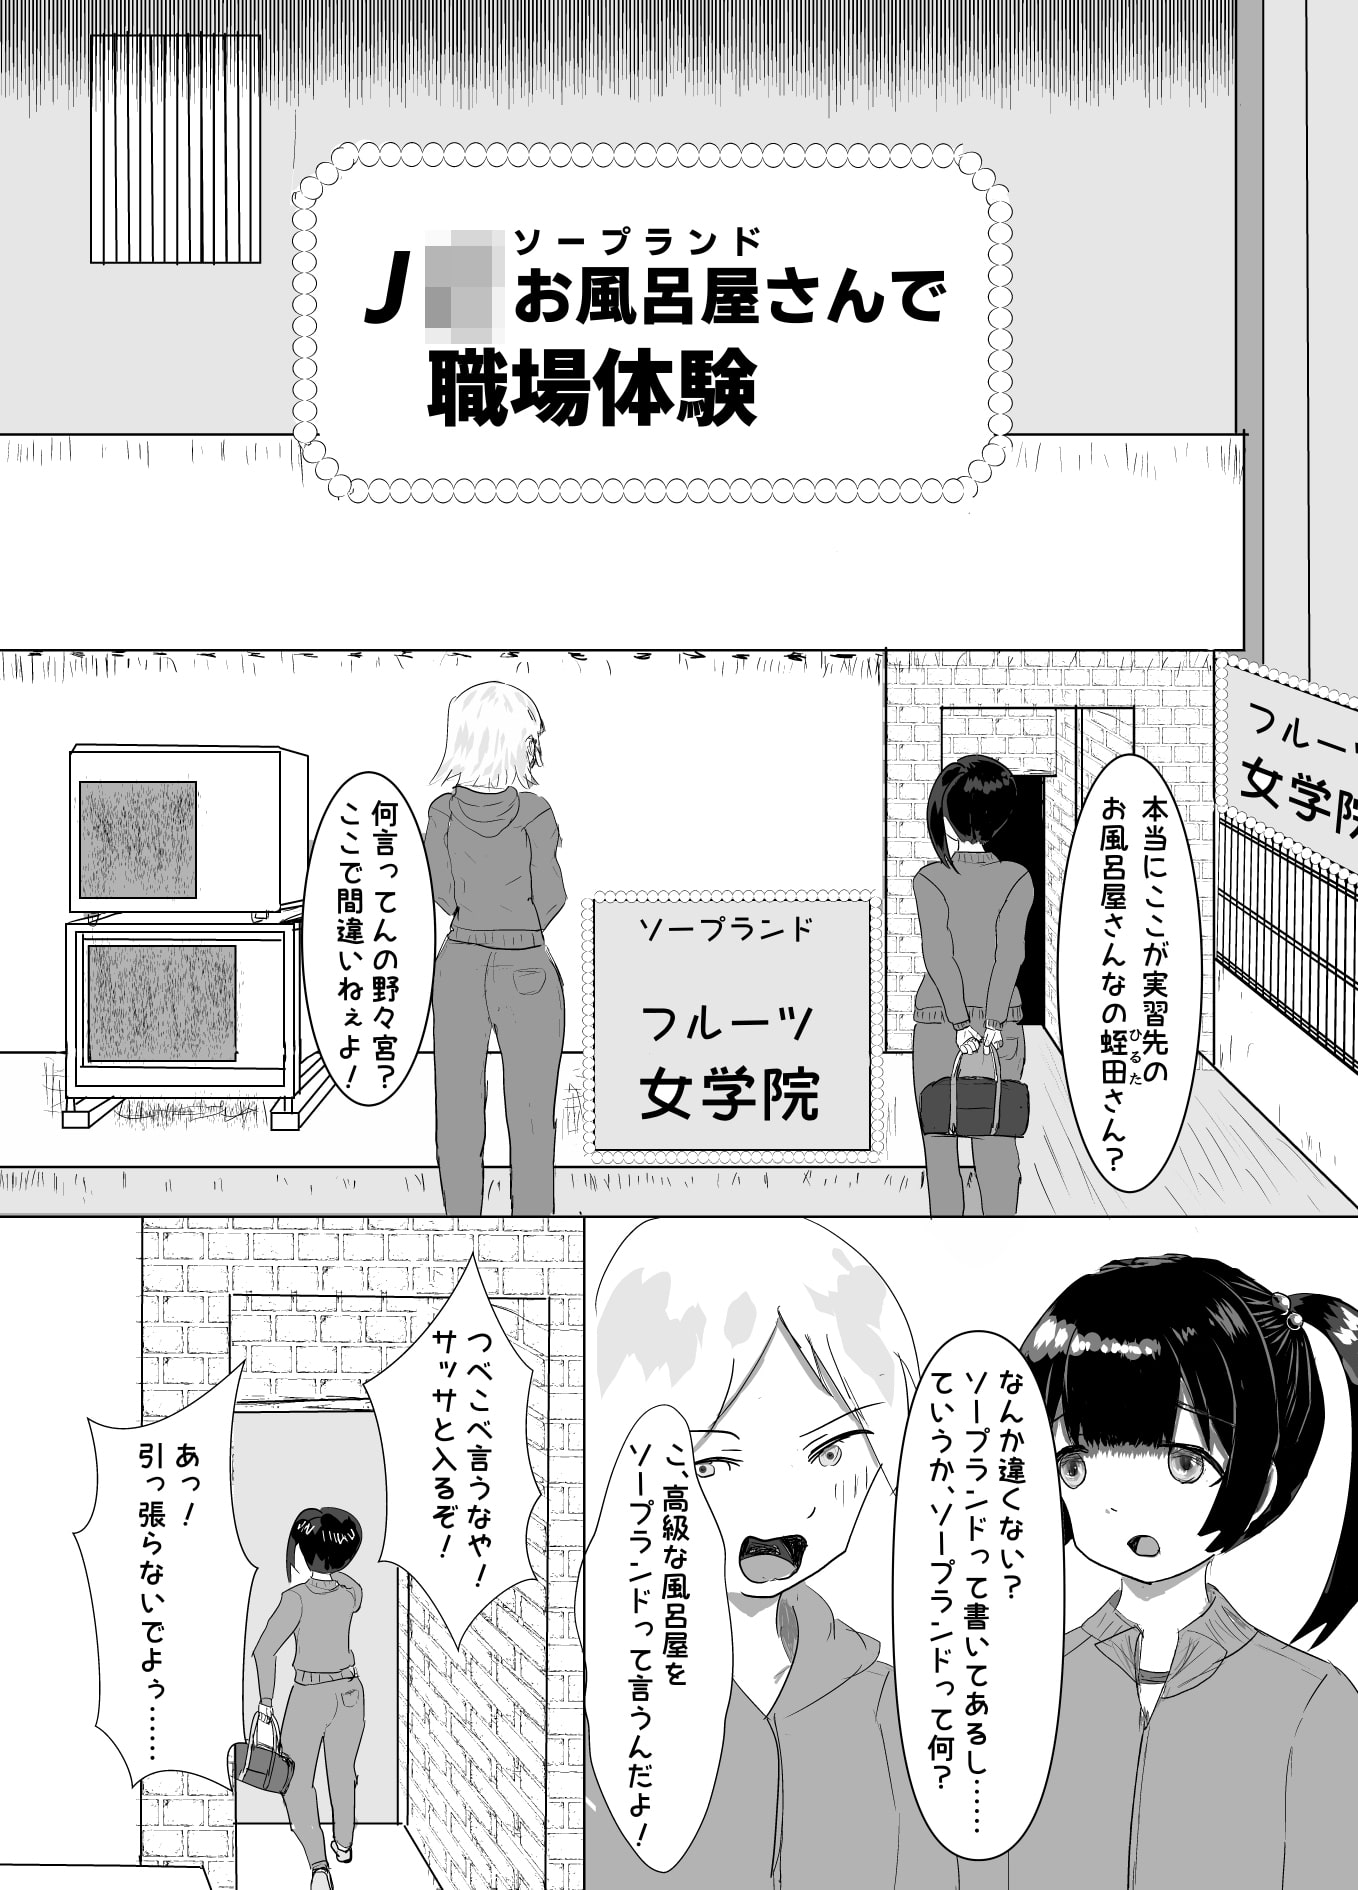 J〇お風呂屋さん(ソープランド)で職場体験!